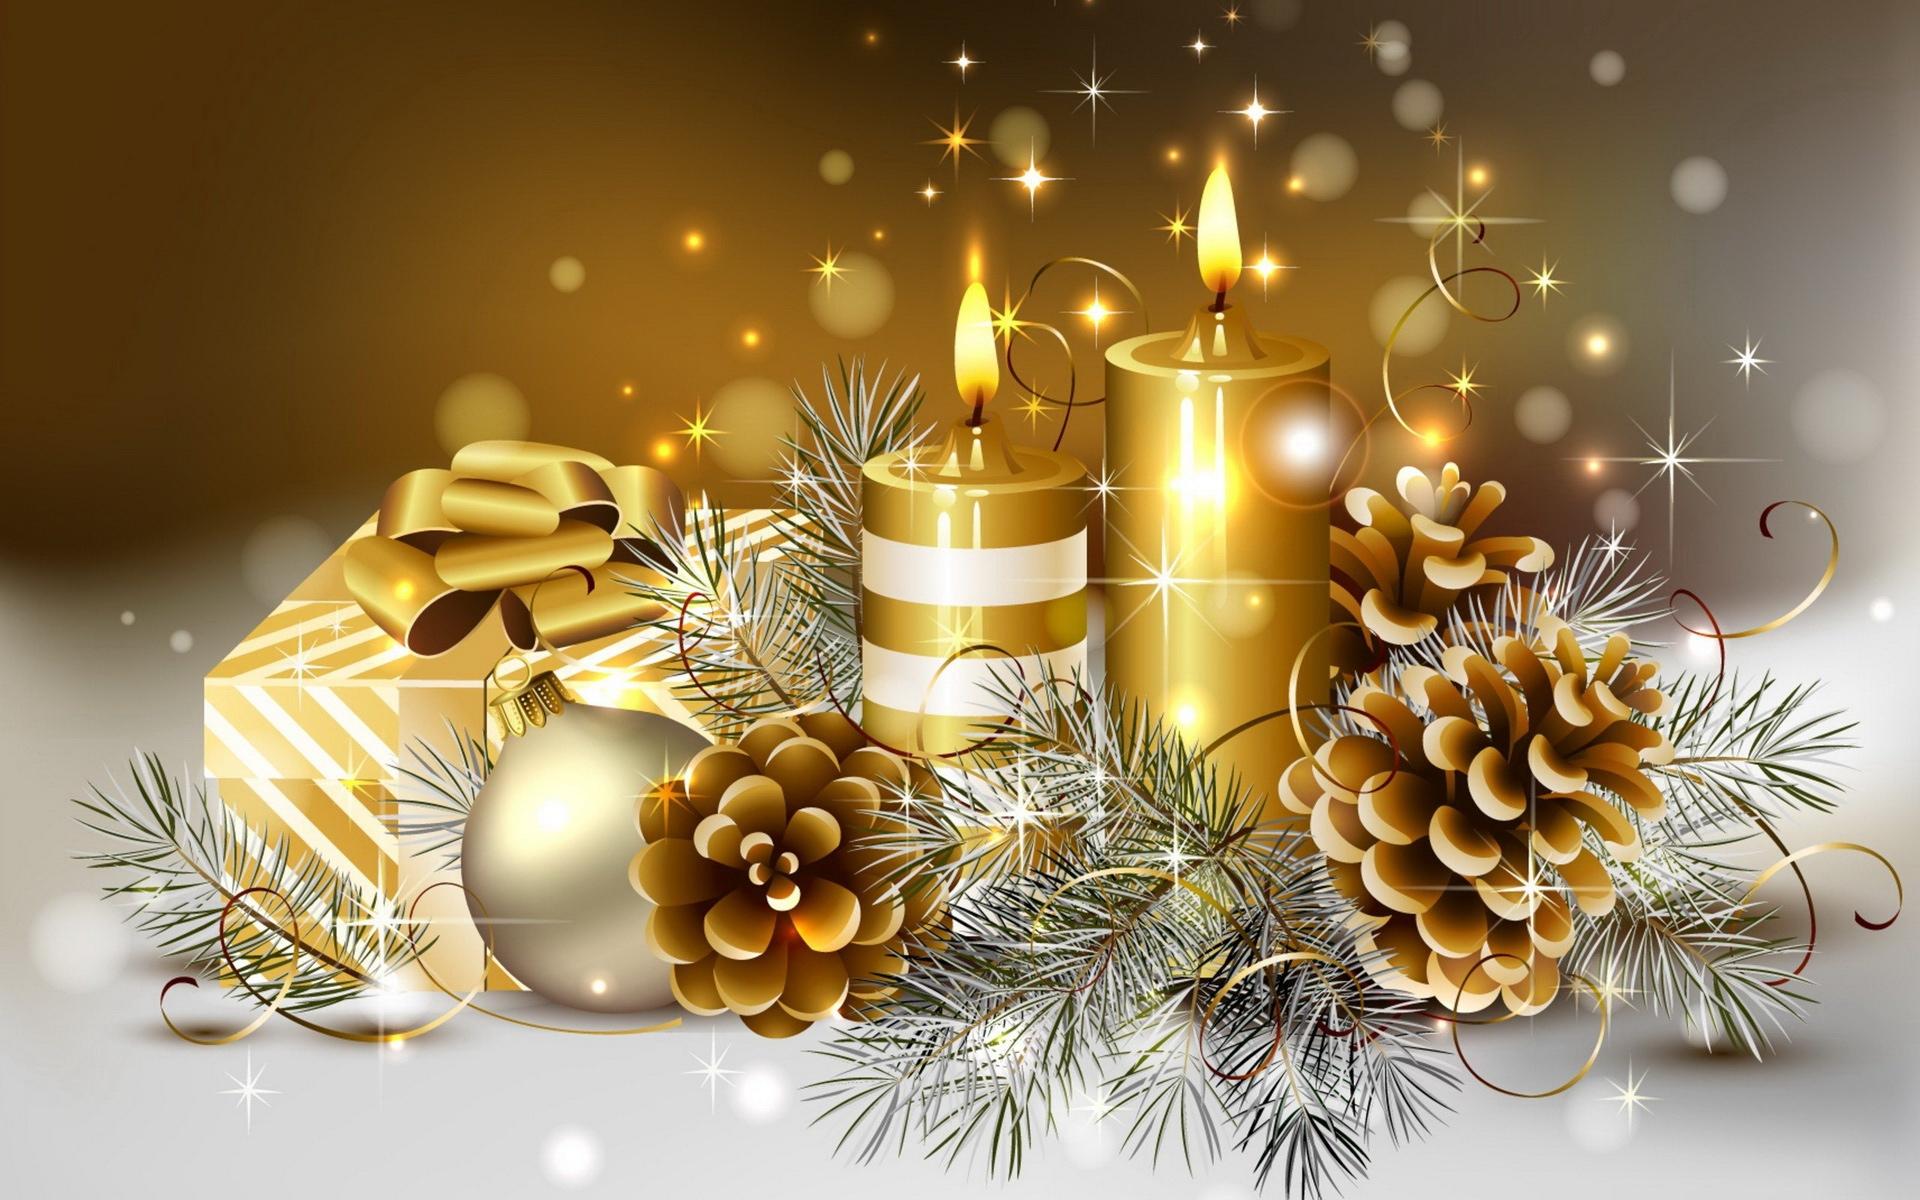 page daccueil ftes Fonds dcran HD bougies de Nol fonds d 1920x1200